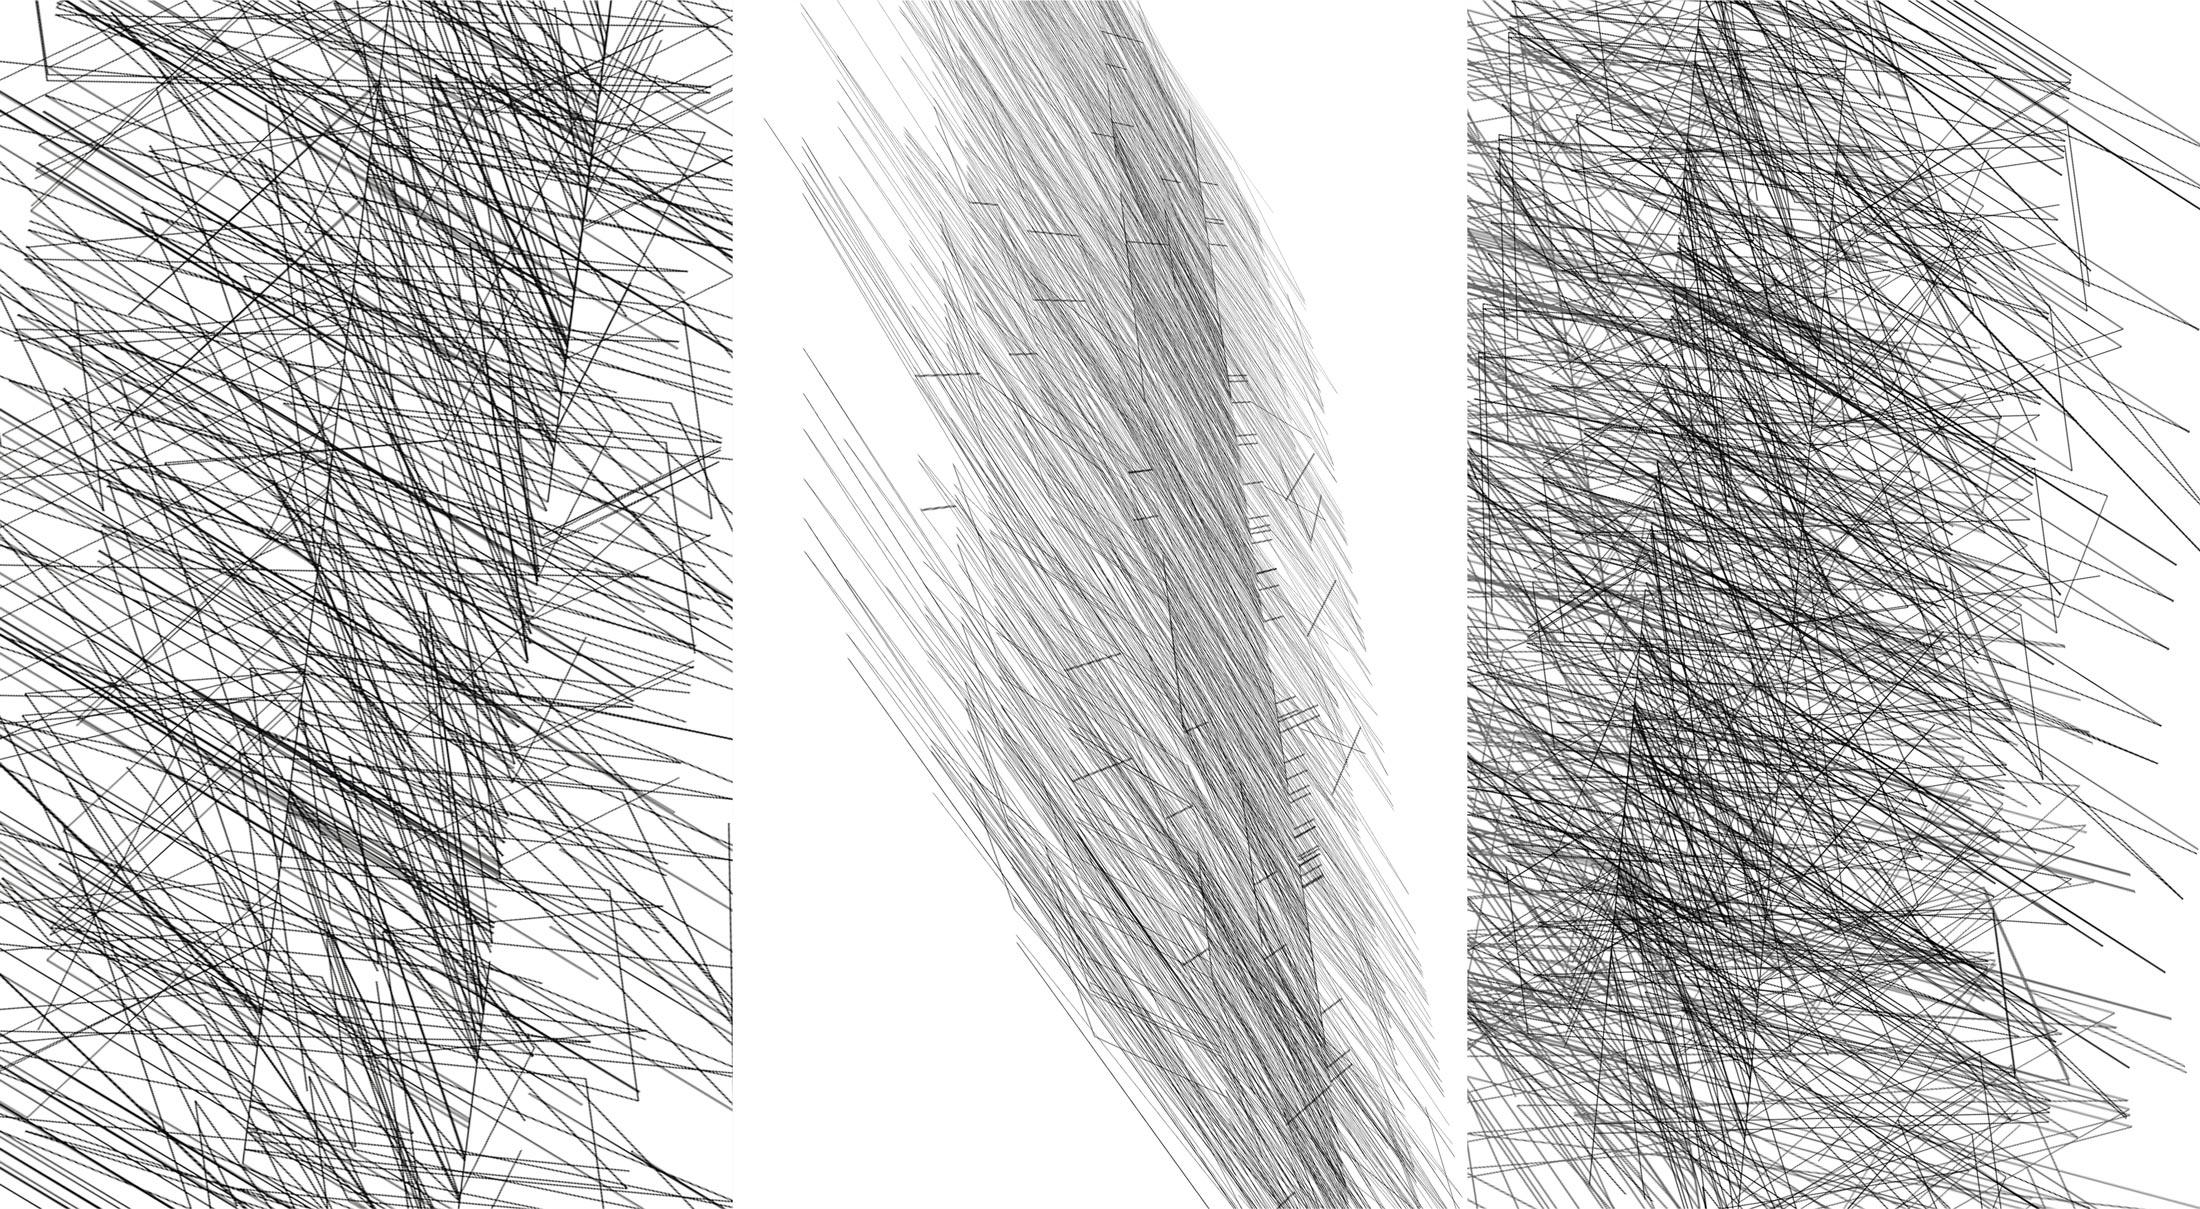 Herwig Steiner(1956L), Konzeptuelle Zeichnung{34}, Ausschnittkonstellation 7 Textbewegungsprotokoll, 2019